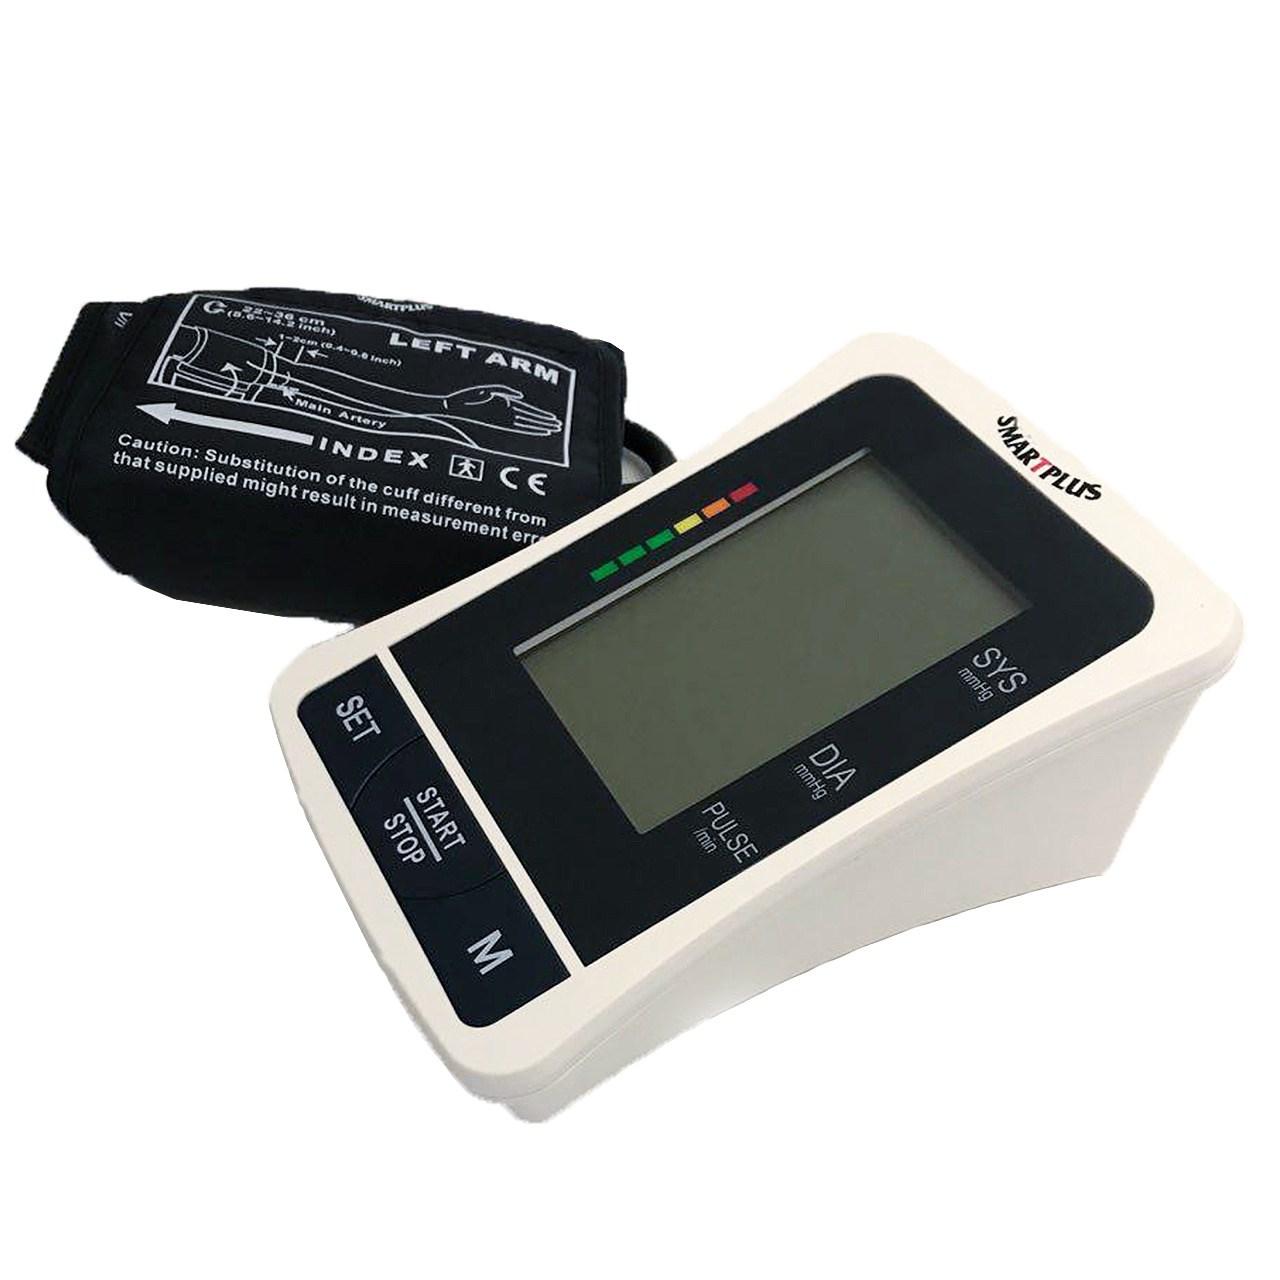 فروش نقدی و اقساطی فشارسنج دیجیتالی اسمارت پلاس مدل BP-1305 Voice Digital